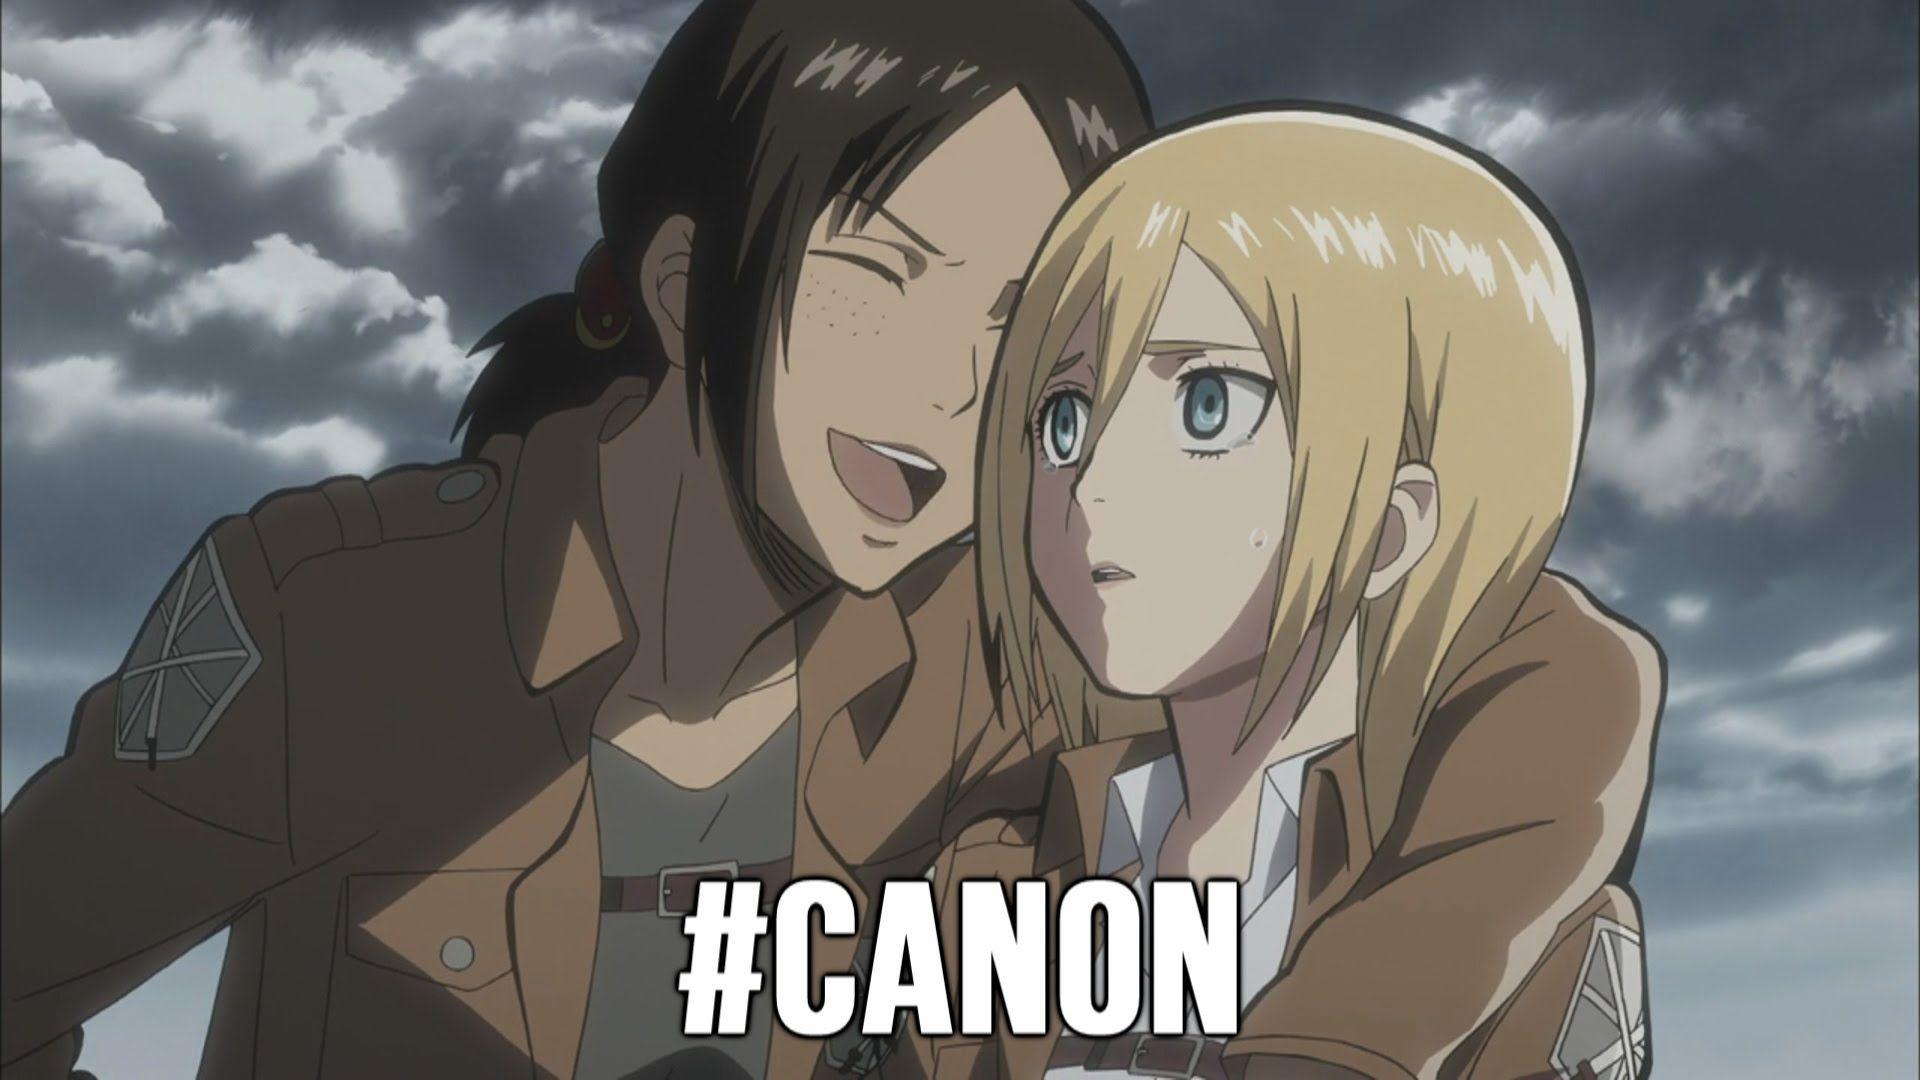 YUMIKURI IS CANON